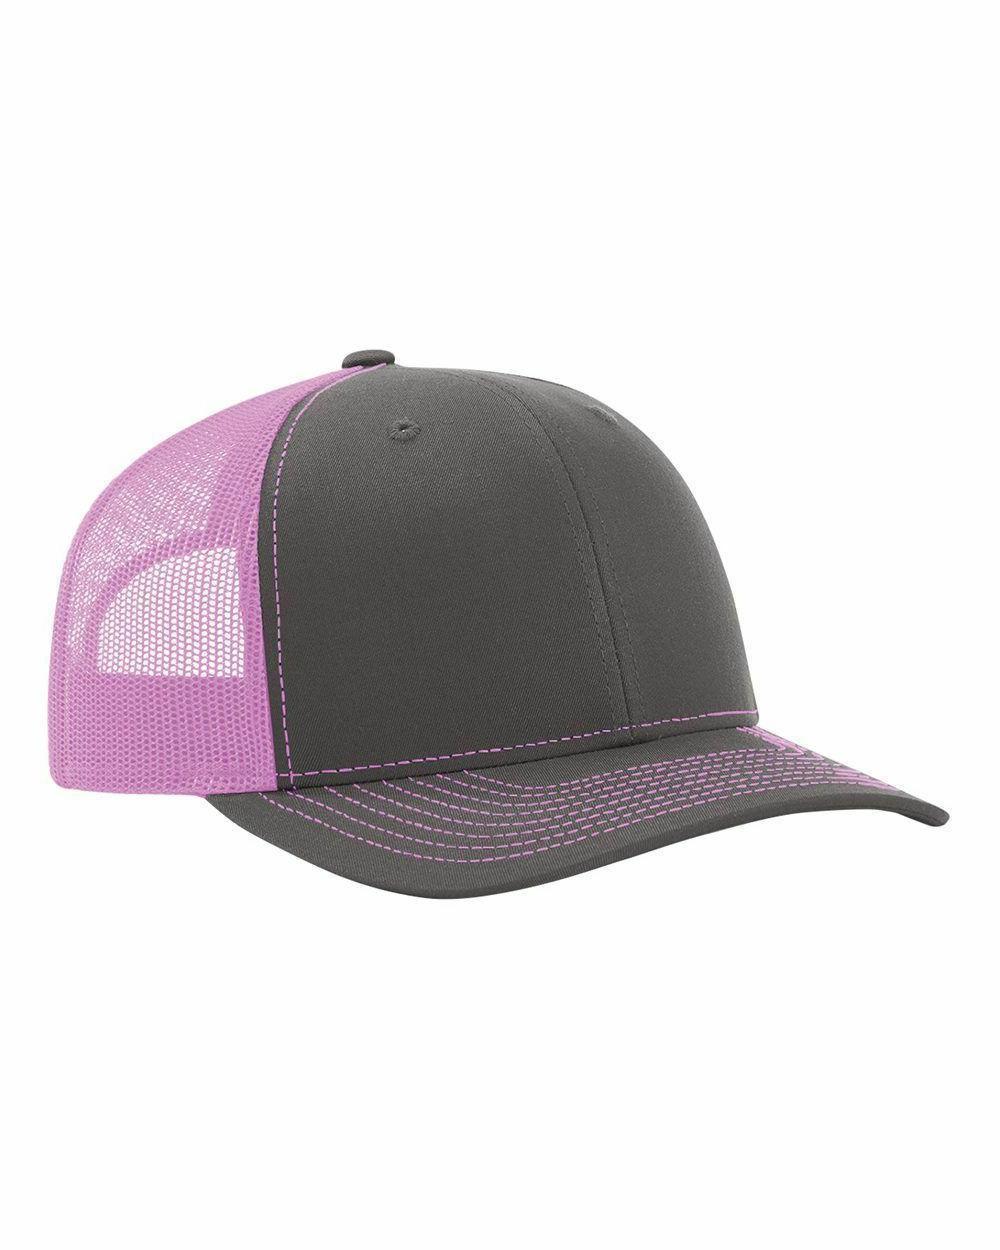 $1.99 Brand New Trucker Baseball Hat